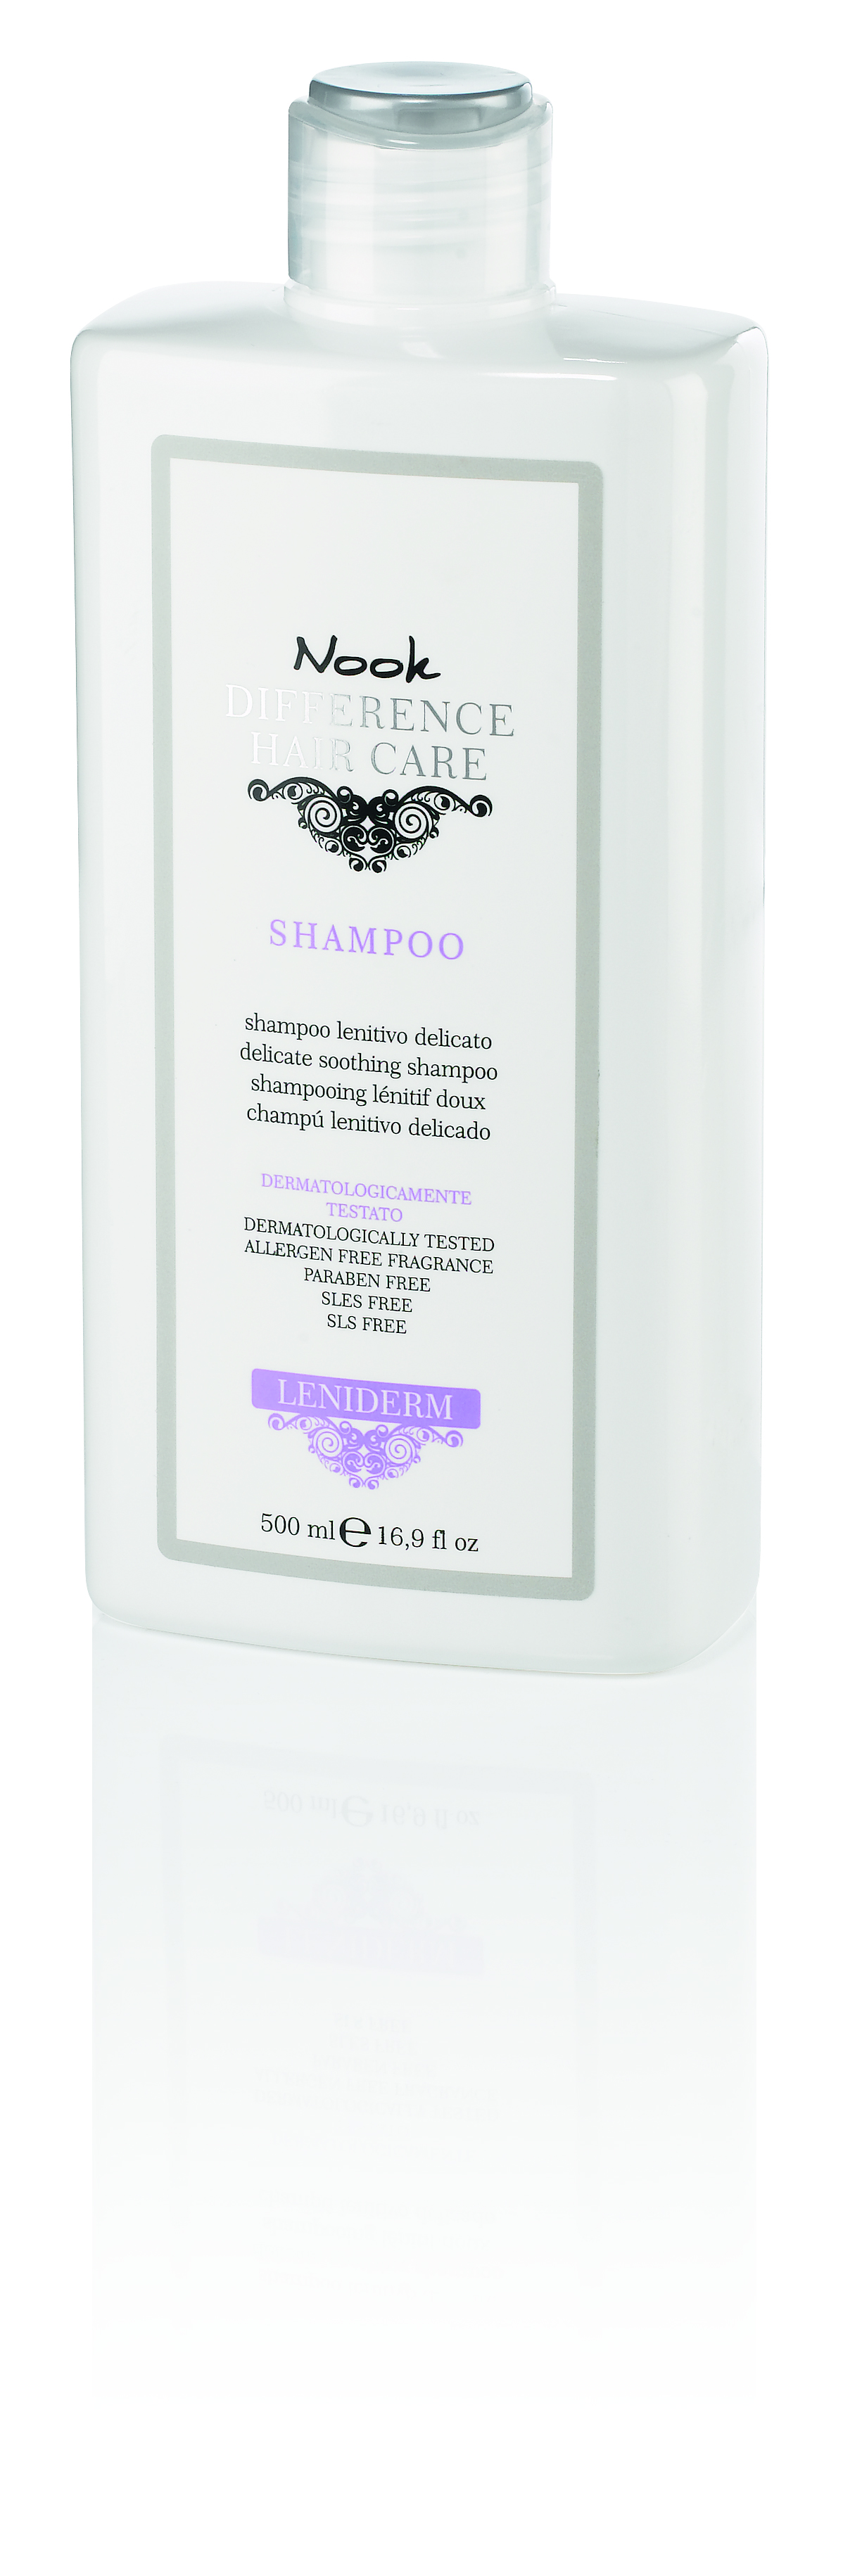 NOOK Шампунь успокаивающий для чувствительной кожи головы Ph 5,5 / DIFFERENCE HAIR CARE 500 мл